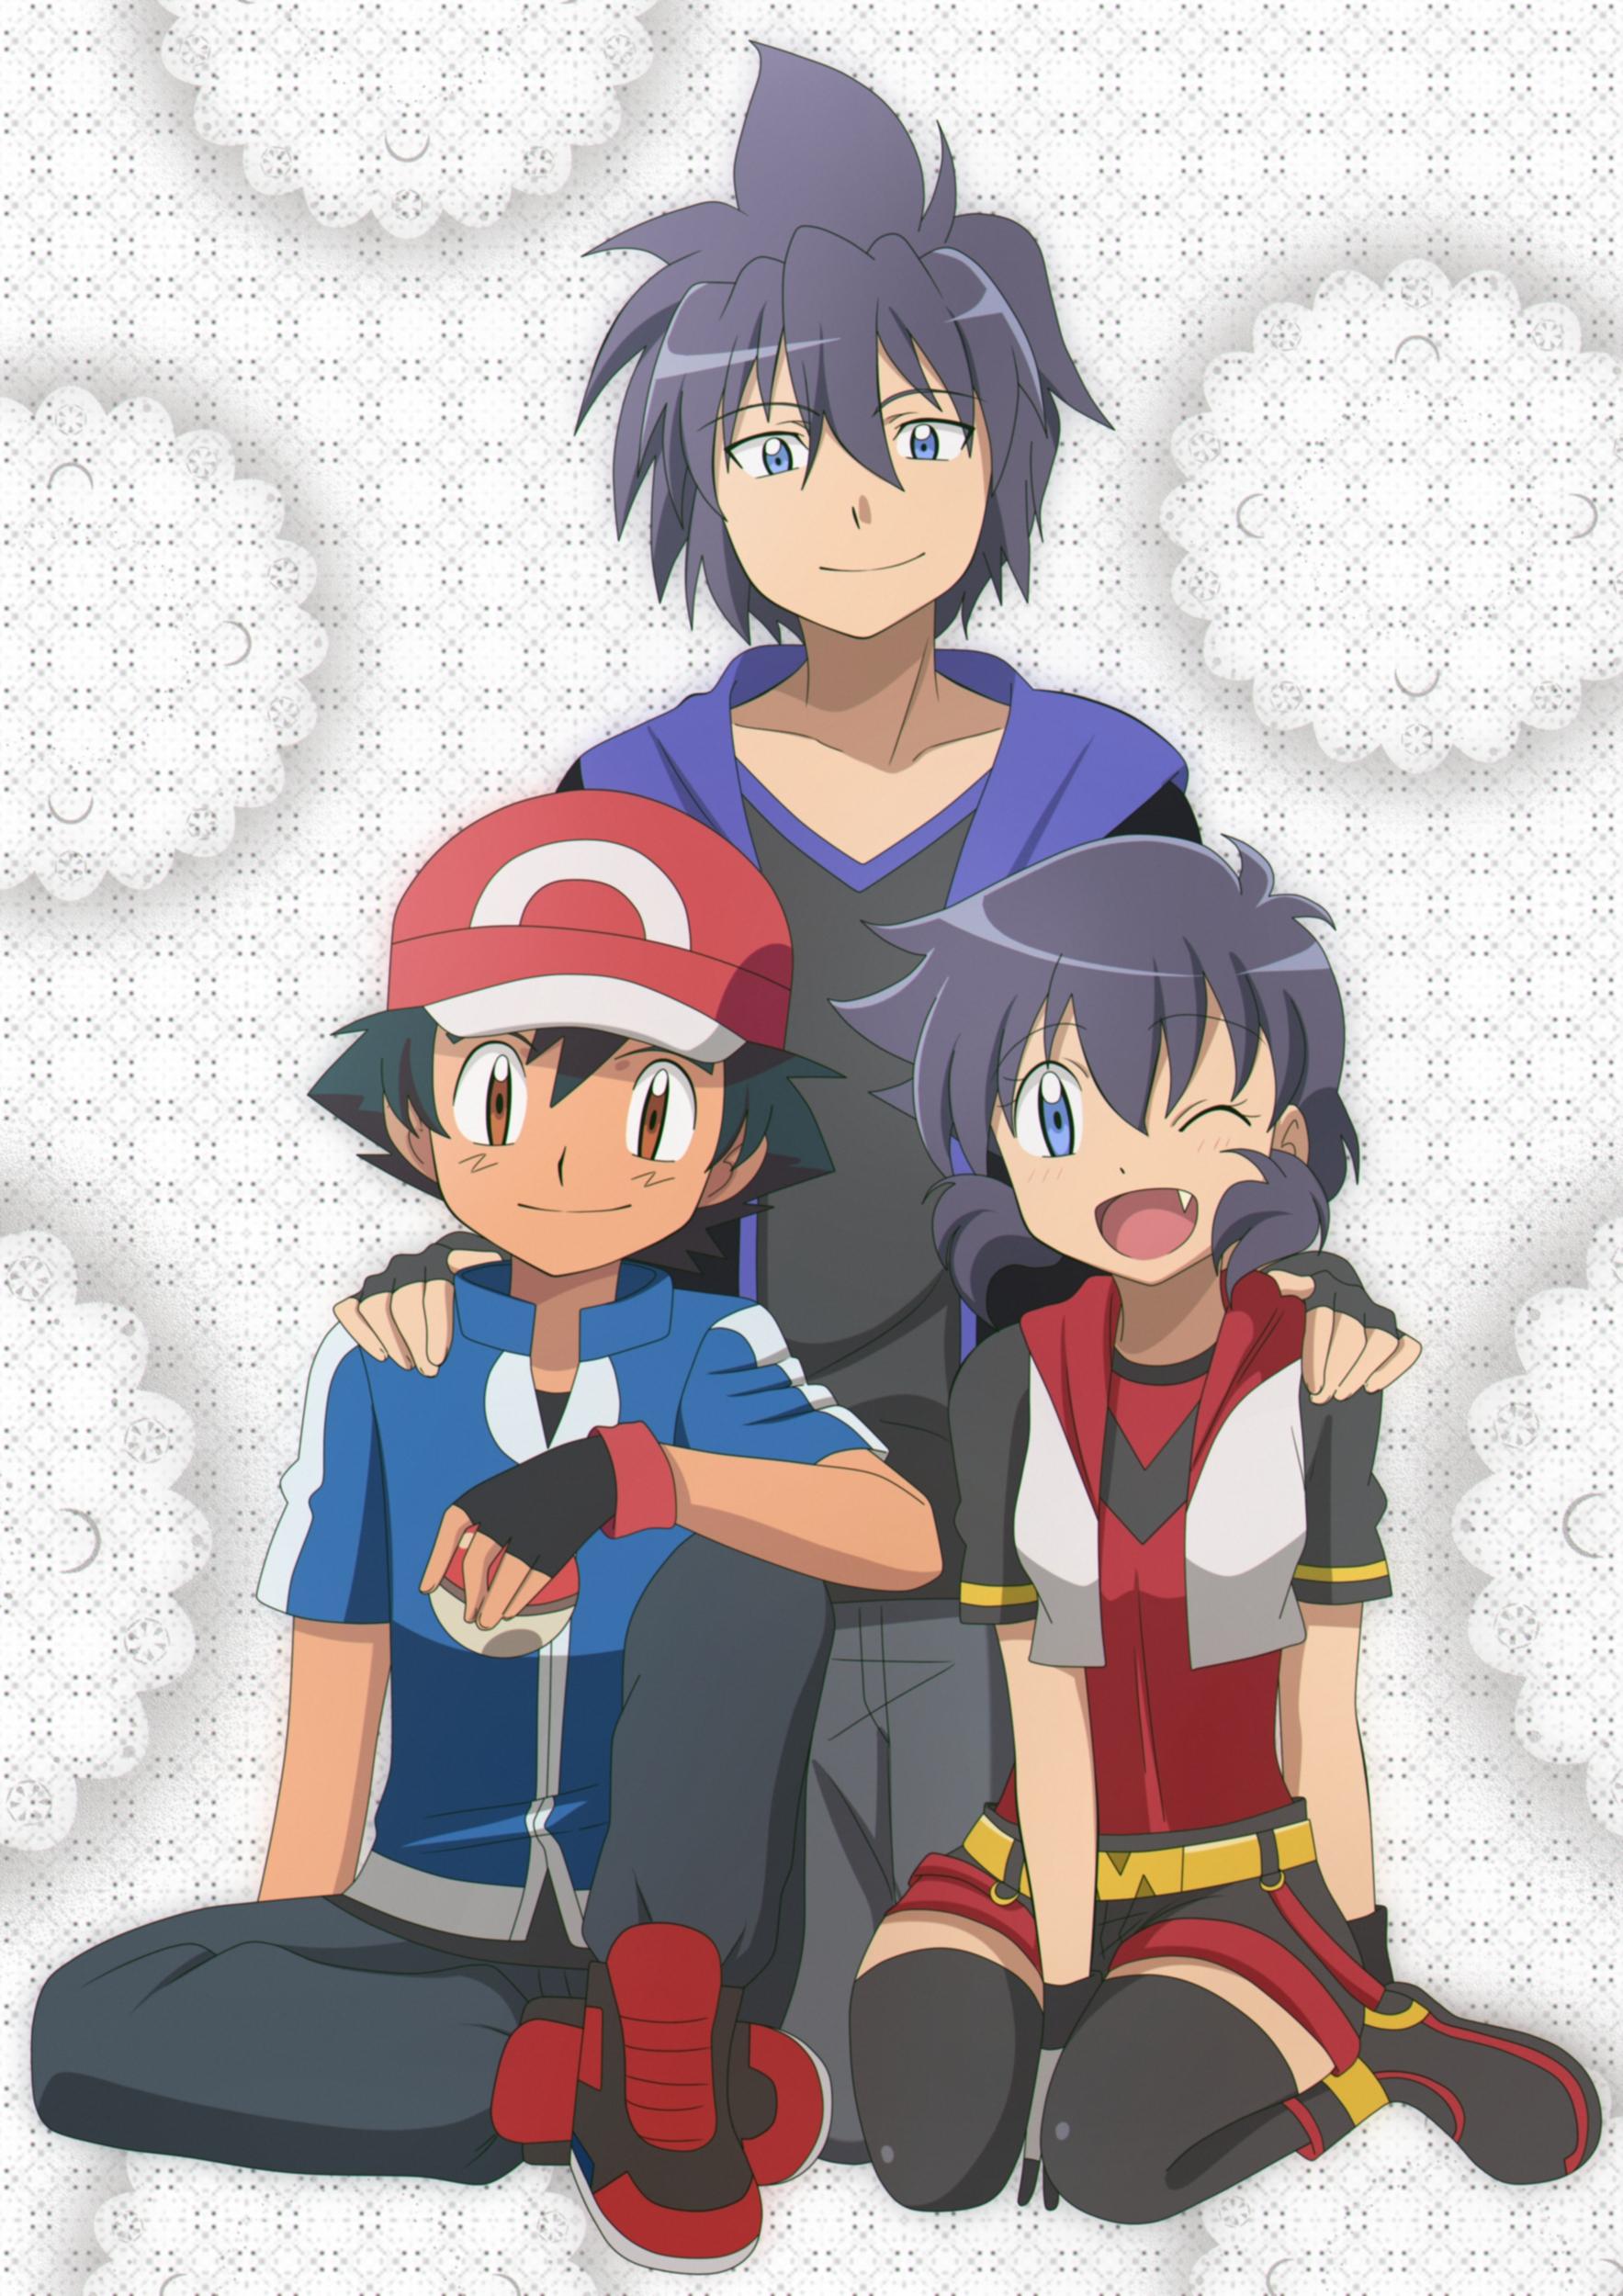 alain pokémon zerochan anime image board